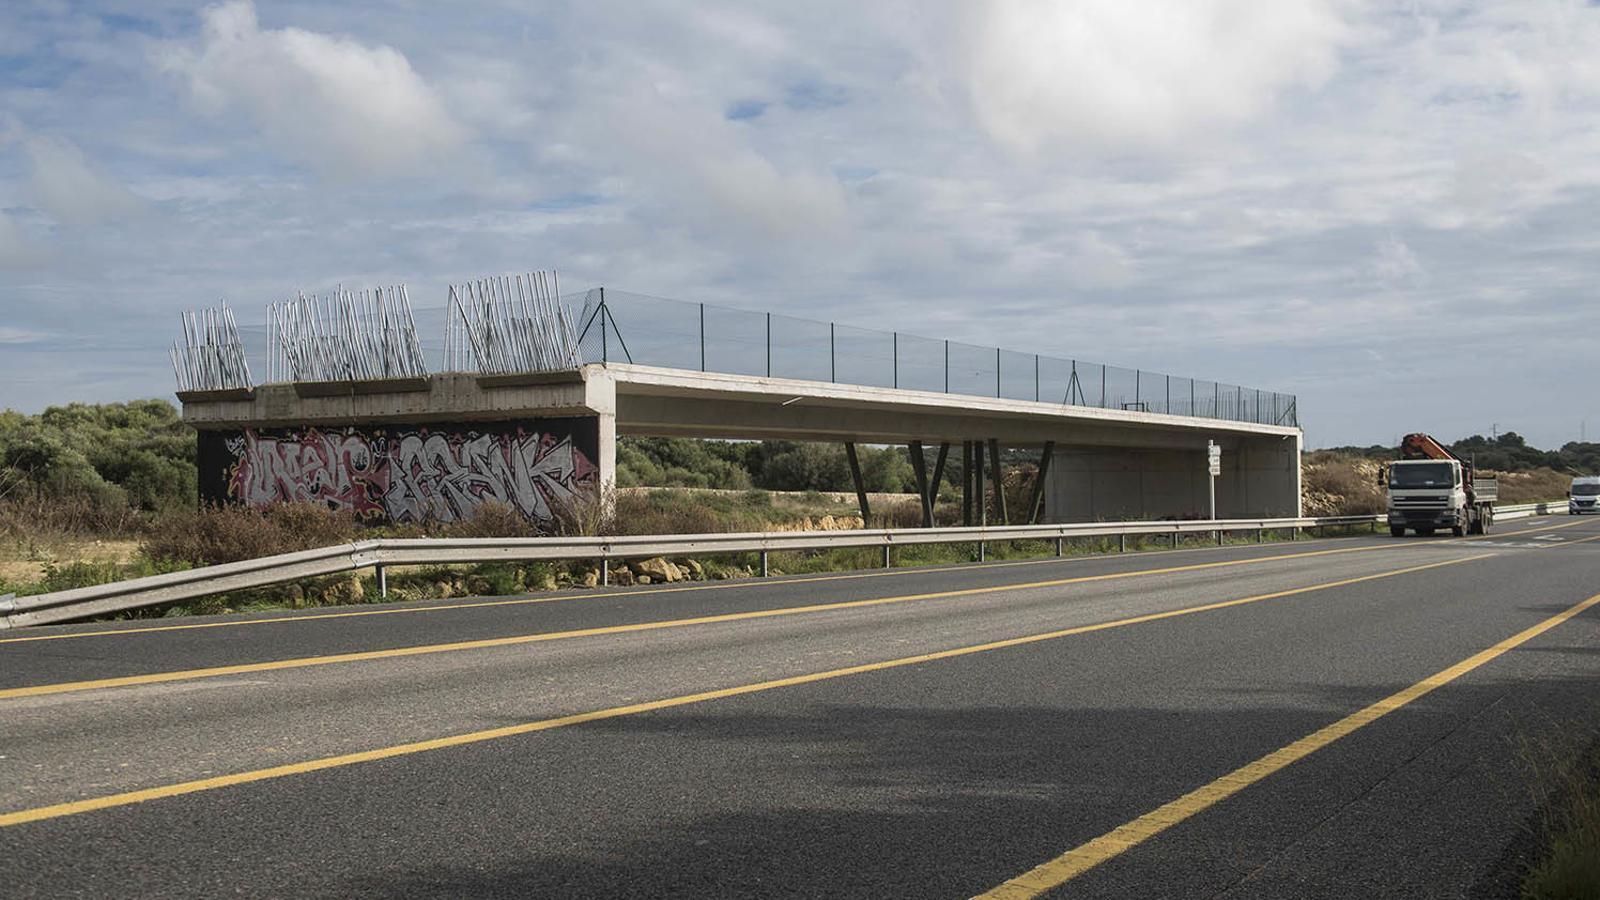 Els ponts de la carretera han dividit l'equip de govern del Consell a pocs mesos de la celebració de les eleccions.